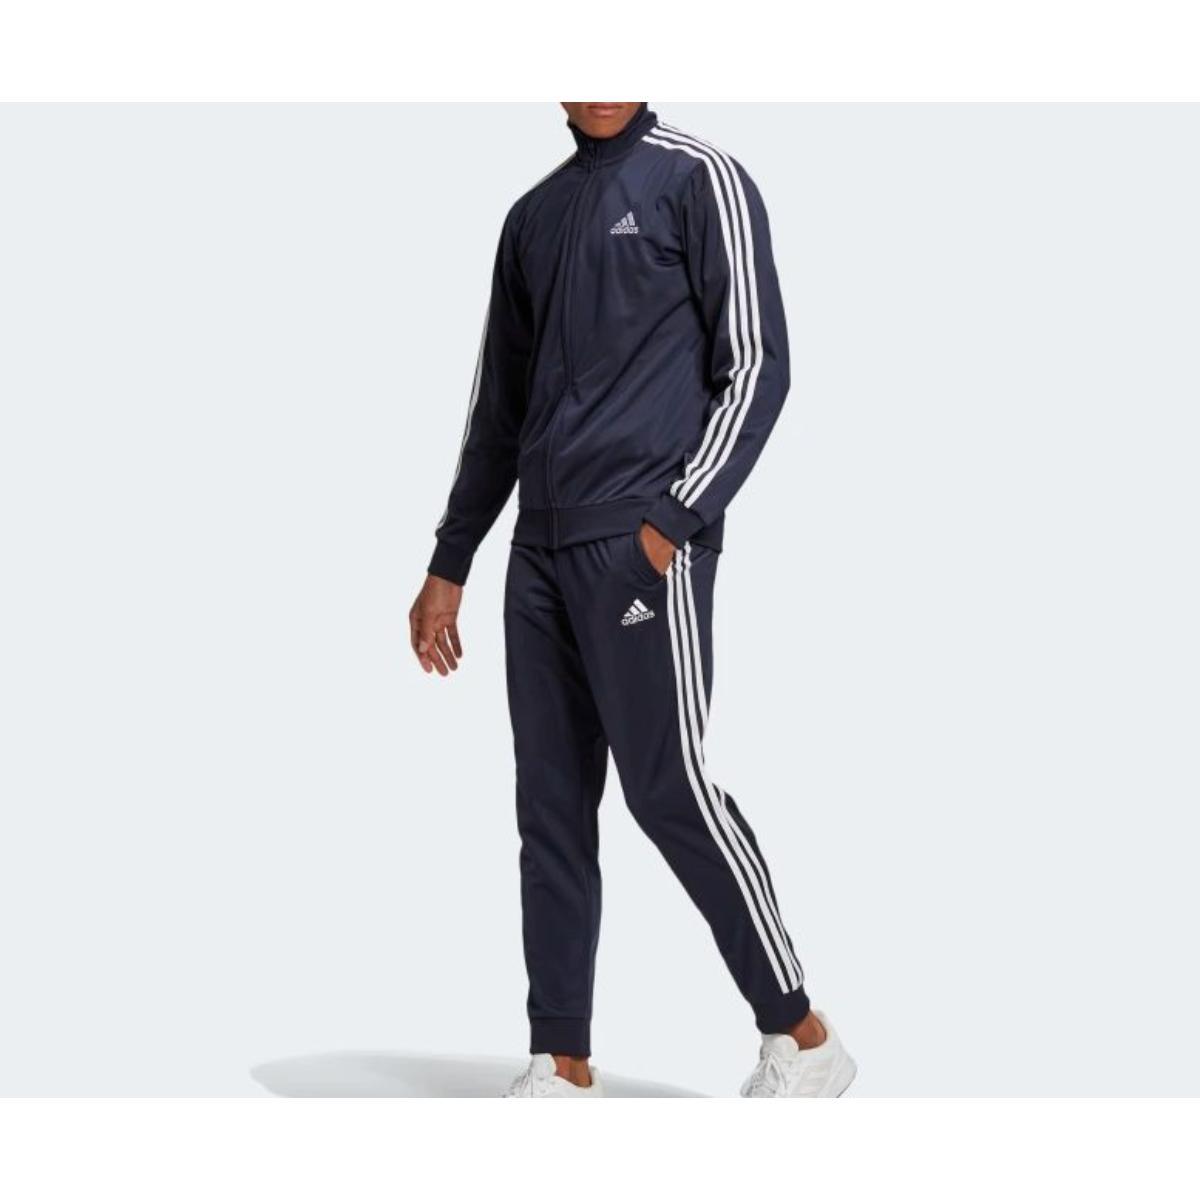 Abrigo Masculino Adidas Gk9658 Essentials 3s Marinho/branco